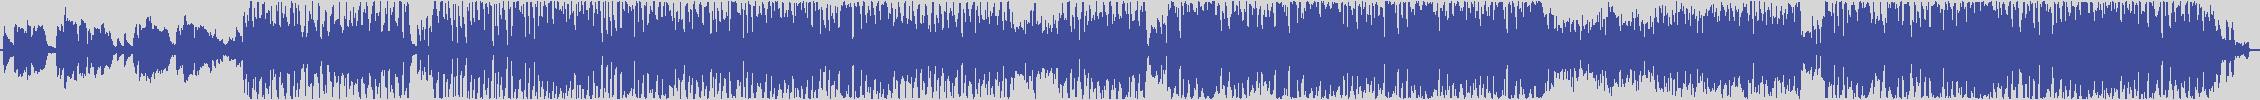 gold_hit_records [GHR003] Lucas Castro - Borrando Tus Huellas [Radio Edit] audio wave form